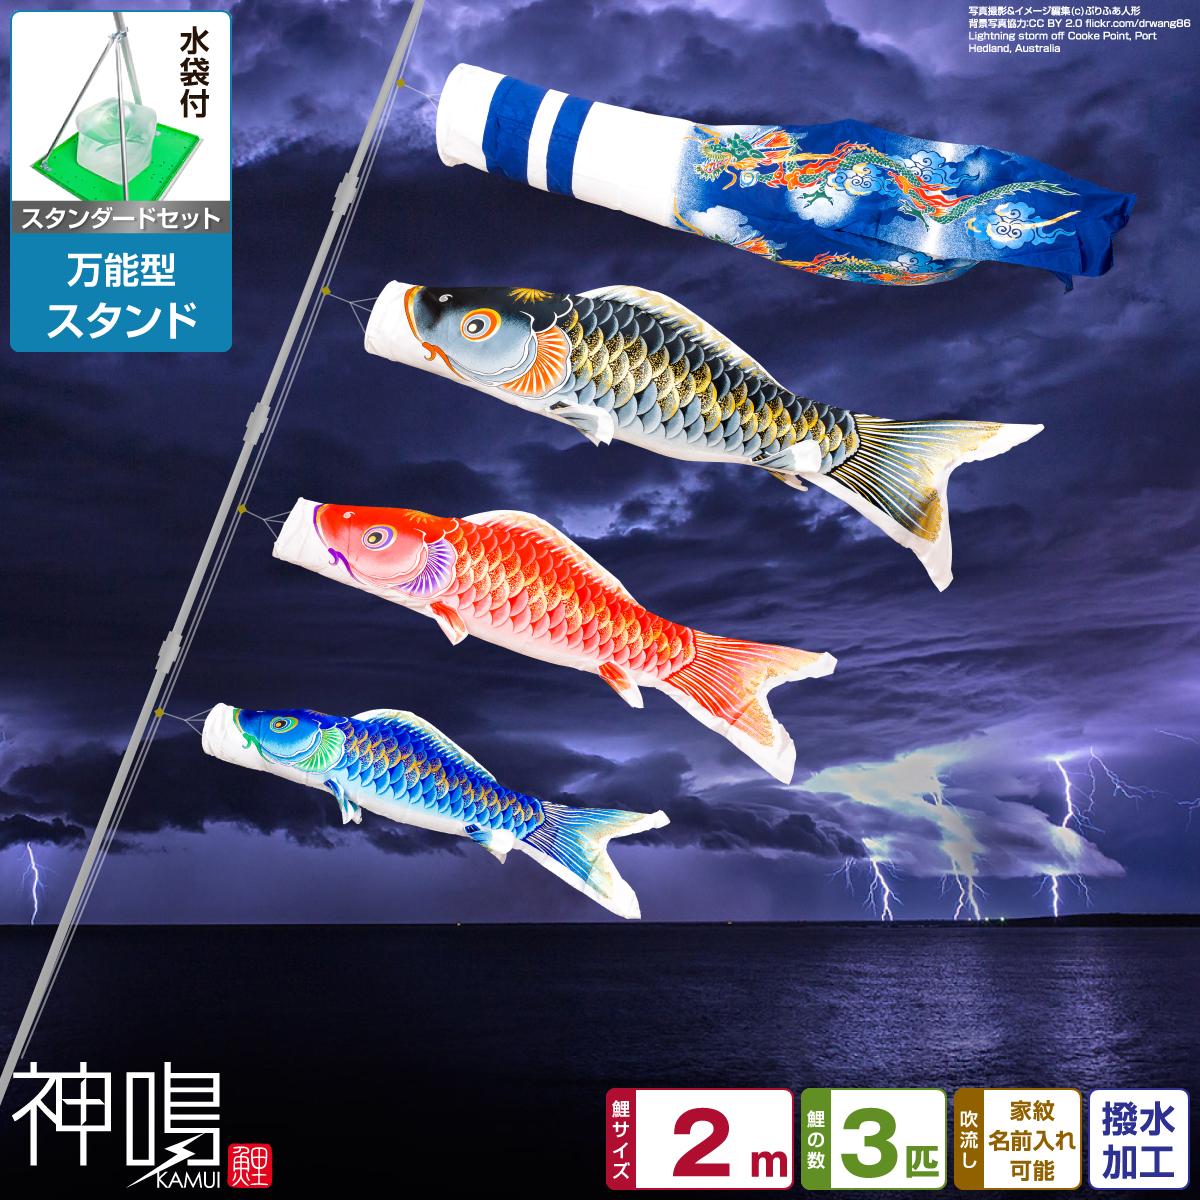 鯉のぼり ベランダ/庭/兼用 神鳴鯉-KAMUI- 2m 6点(吹流し+鯉3匹+矢車+ロープ)/スタンダードセット(万能スタンド)